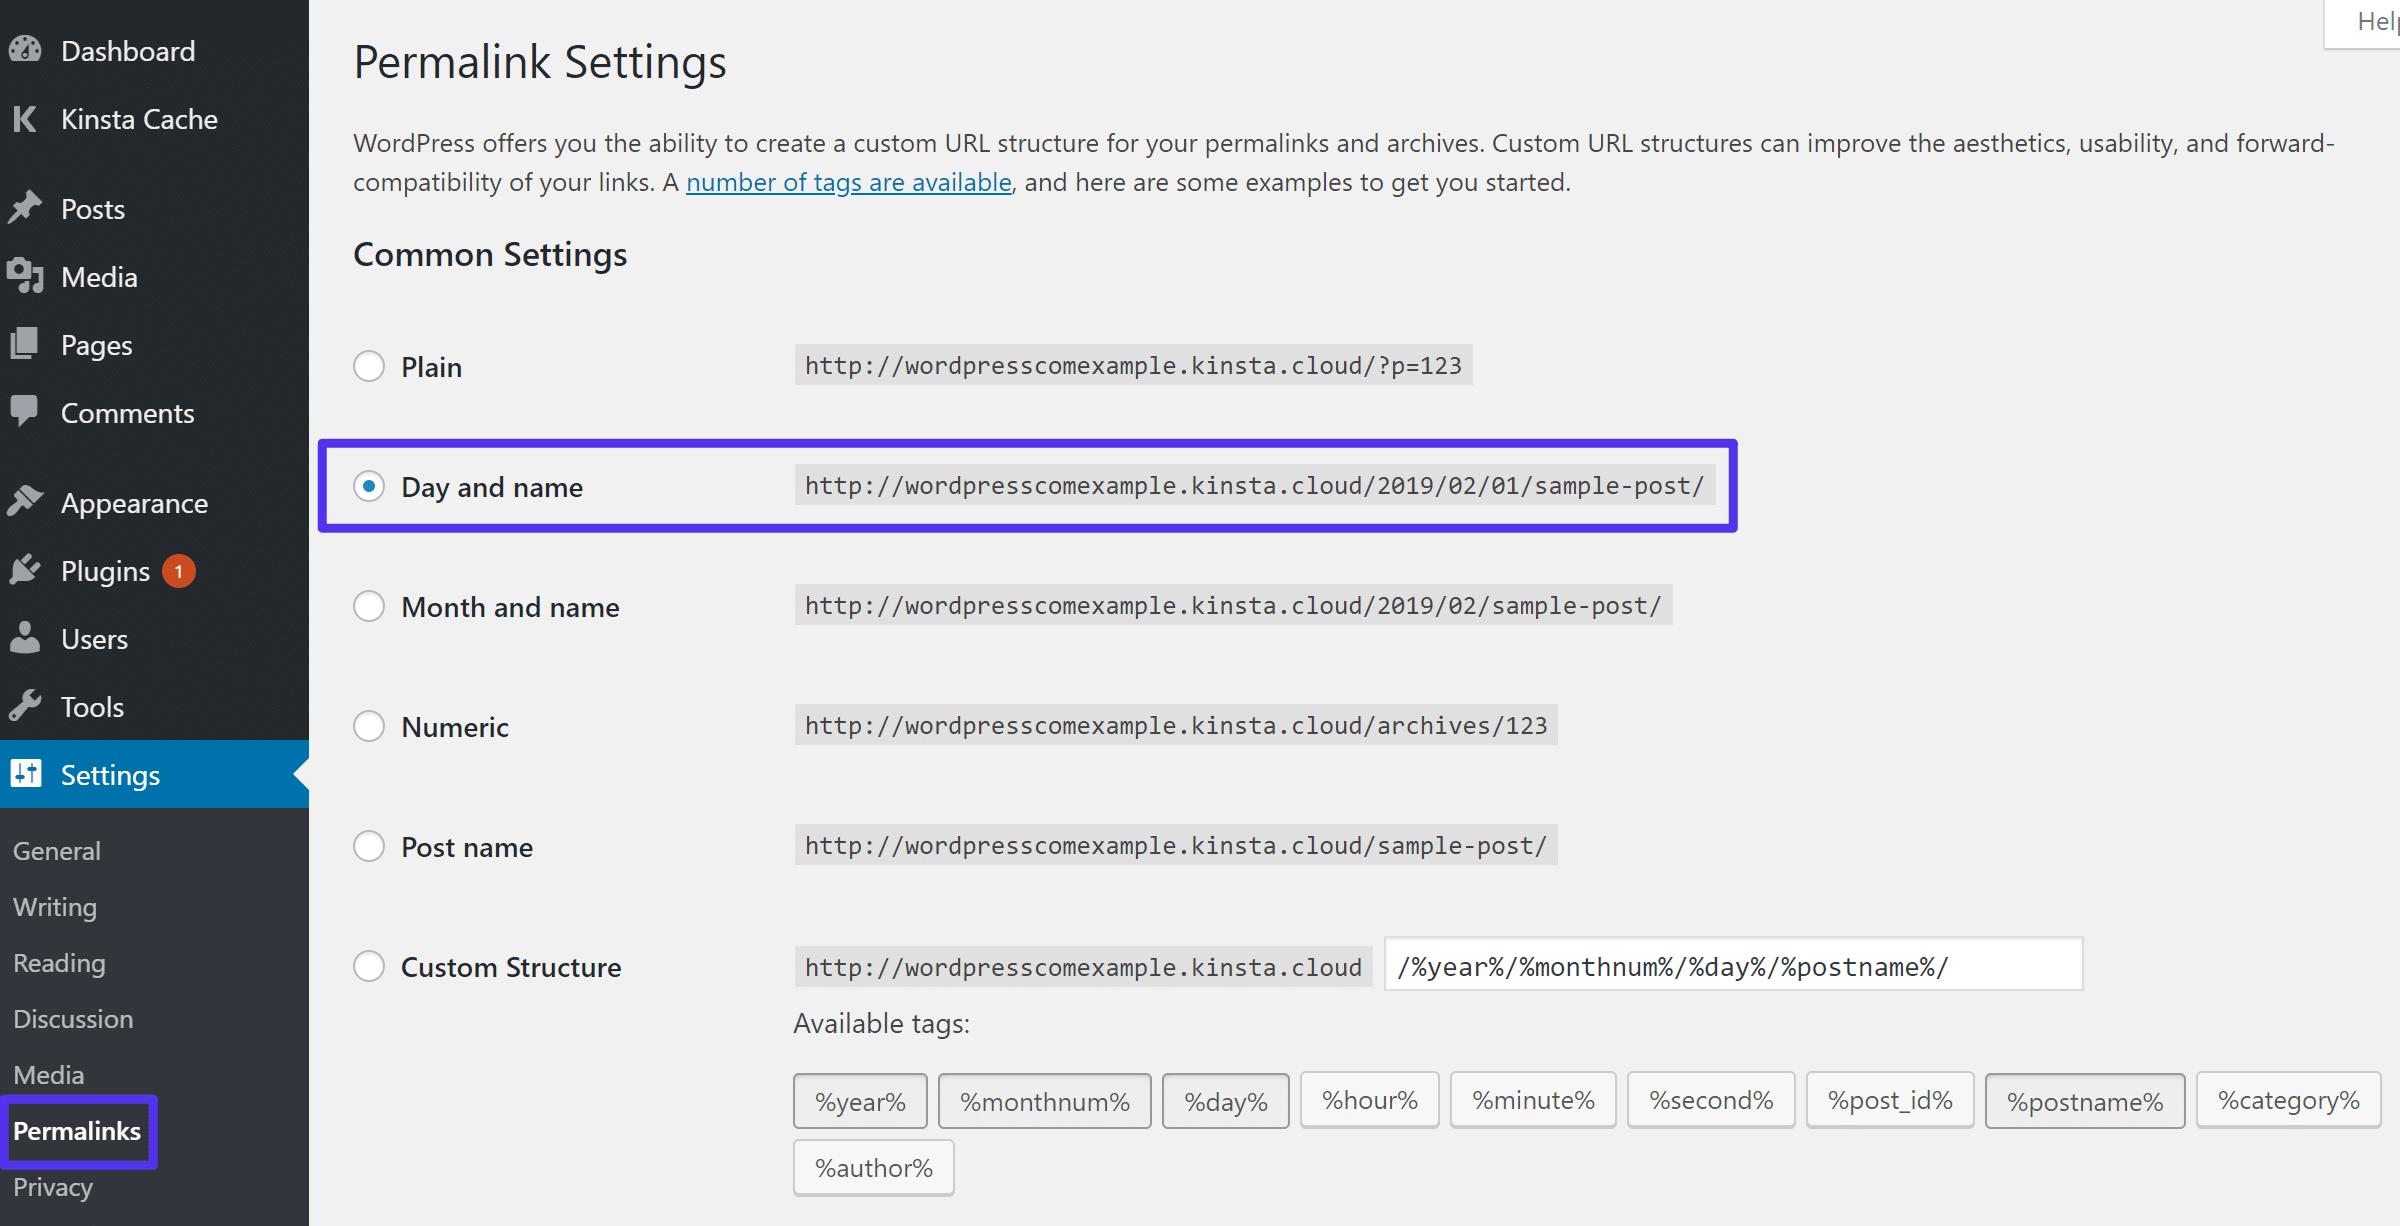 Impostare la struttura dei permalink per farla corrispondere a quella di WordPress.com